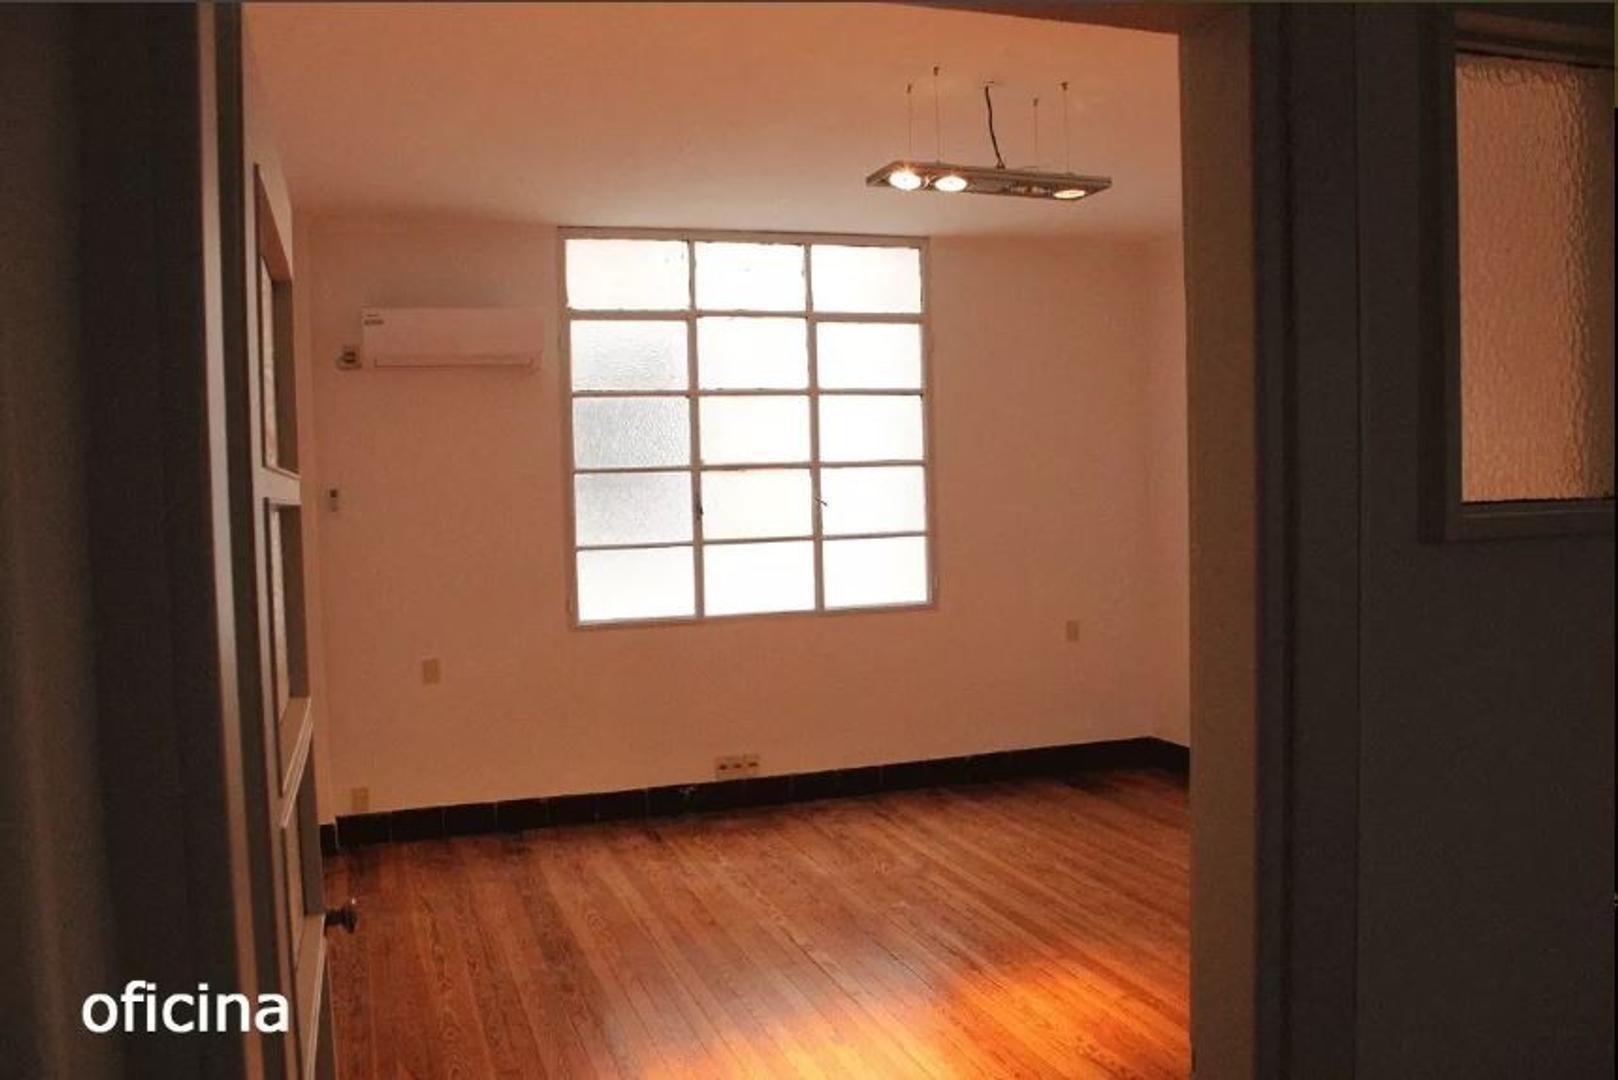 Oficina en Alquiler en Ciudad Vieja - 2 ambientes